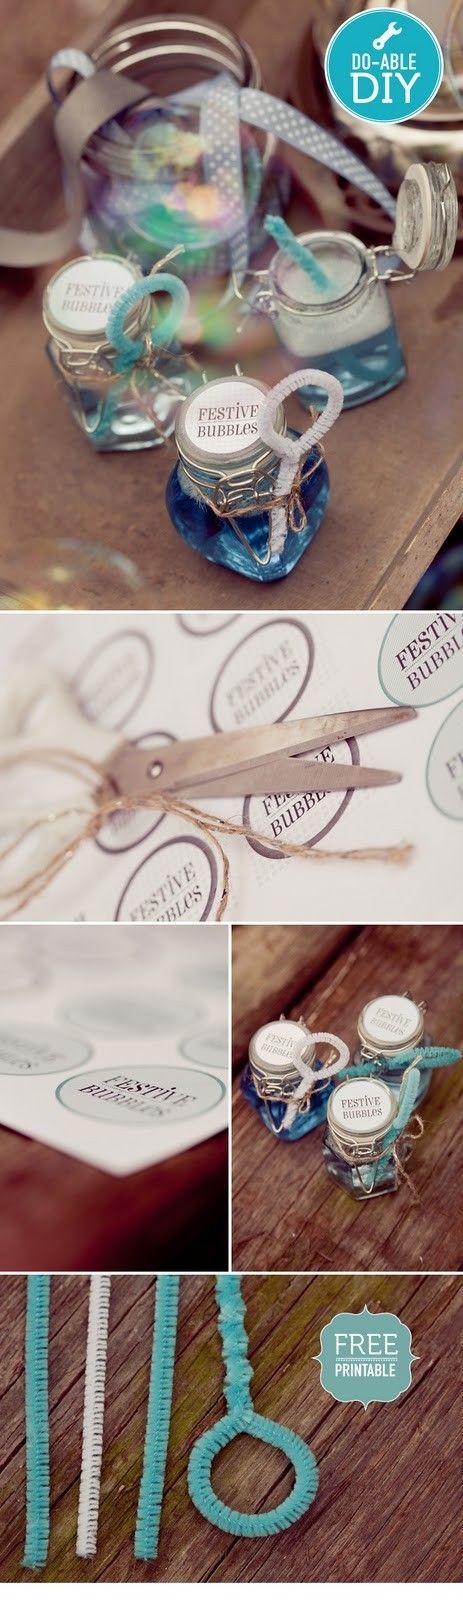 www.weddbook.com everything about wedding ♥  Creative Wedding Ideas #wedding #diy #craft